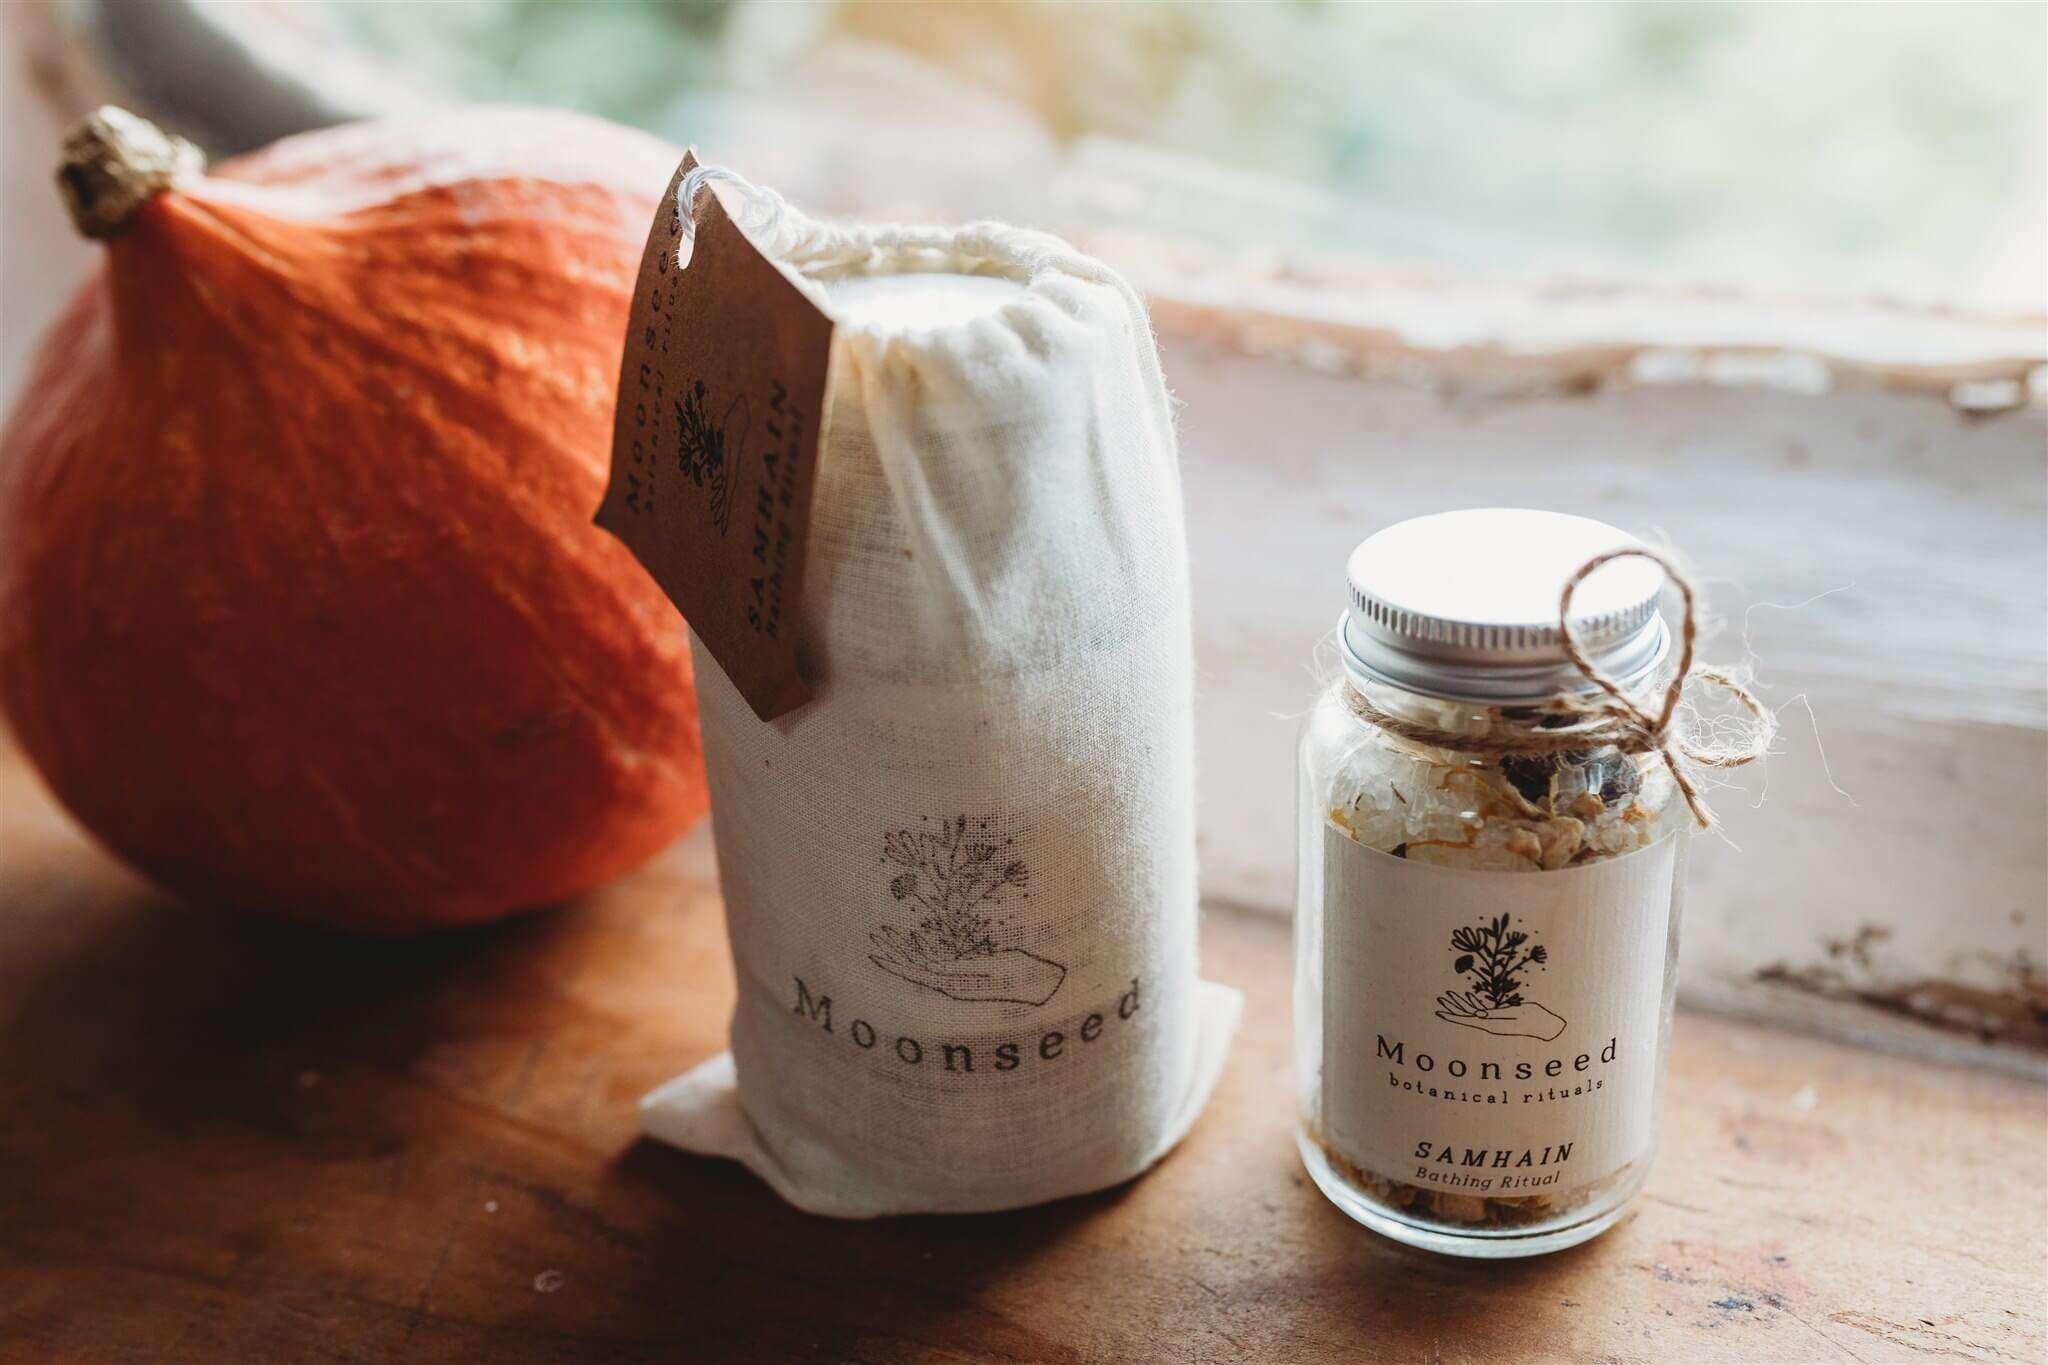 samhain bath salts packaging